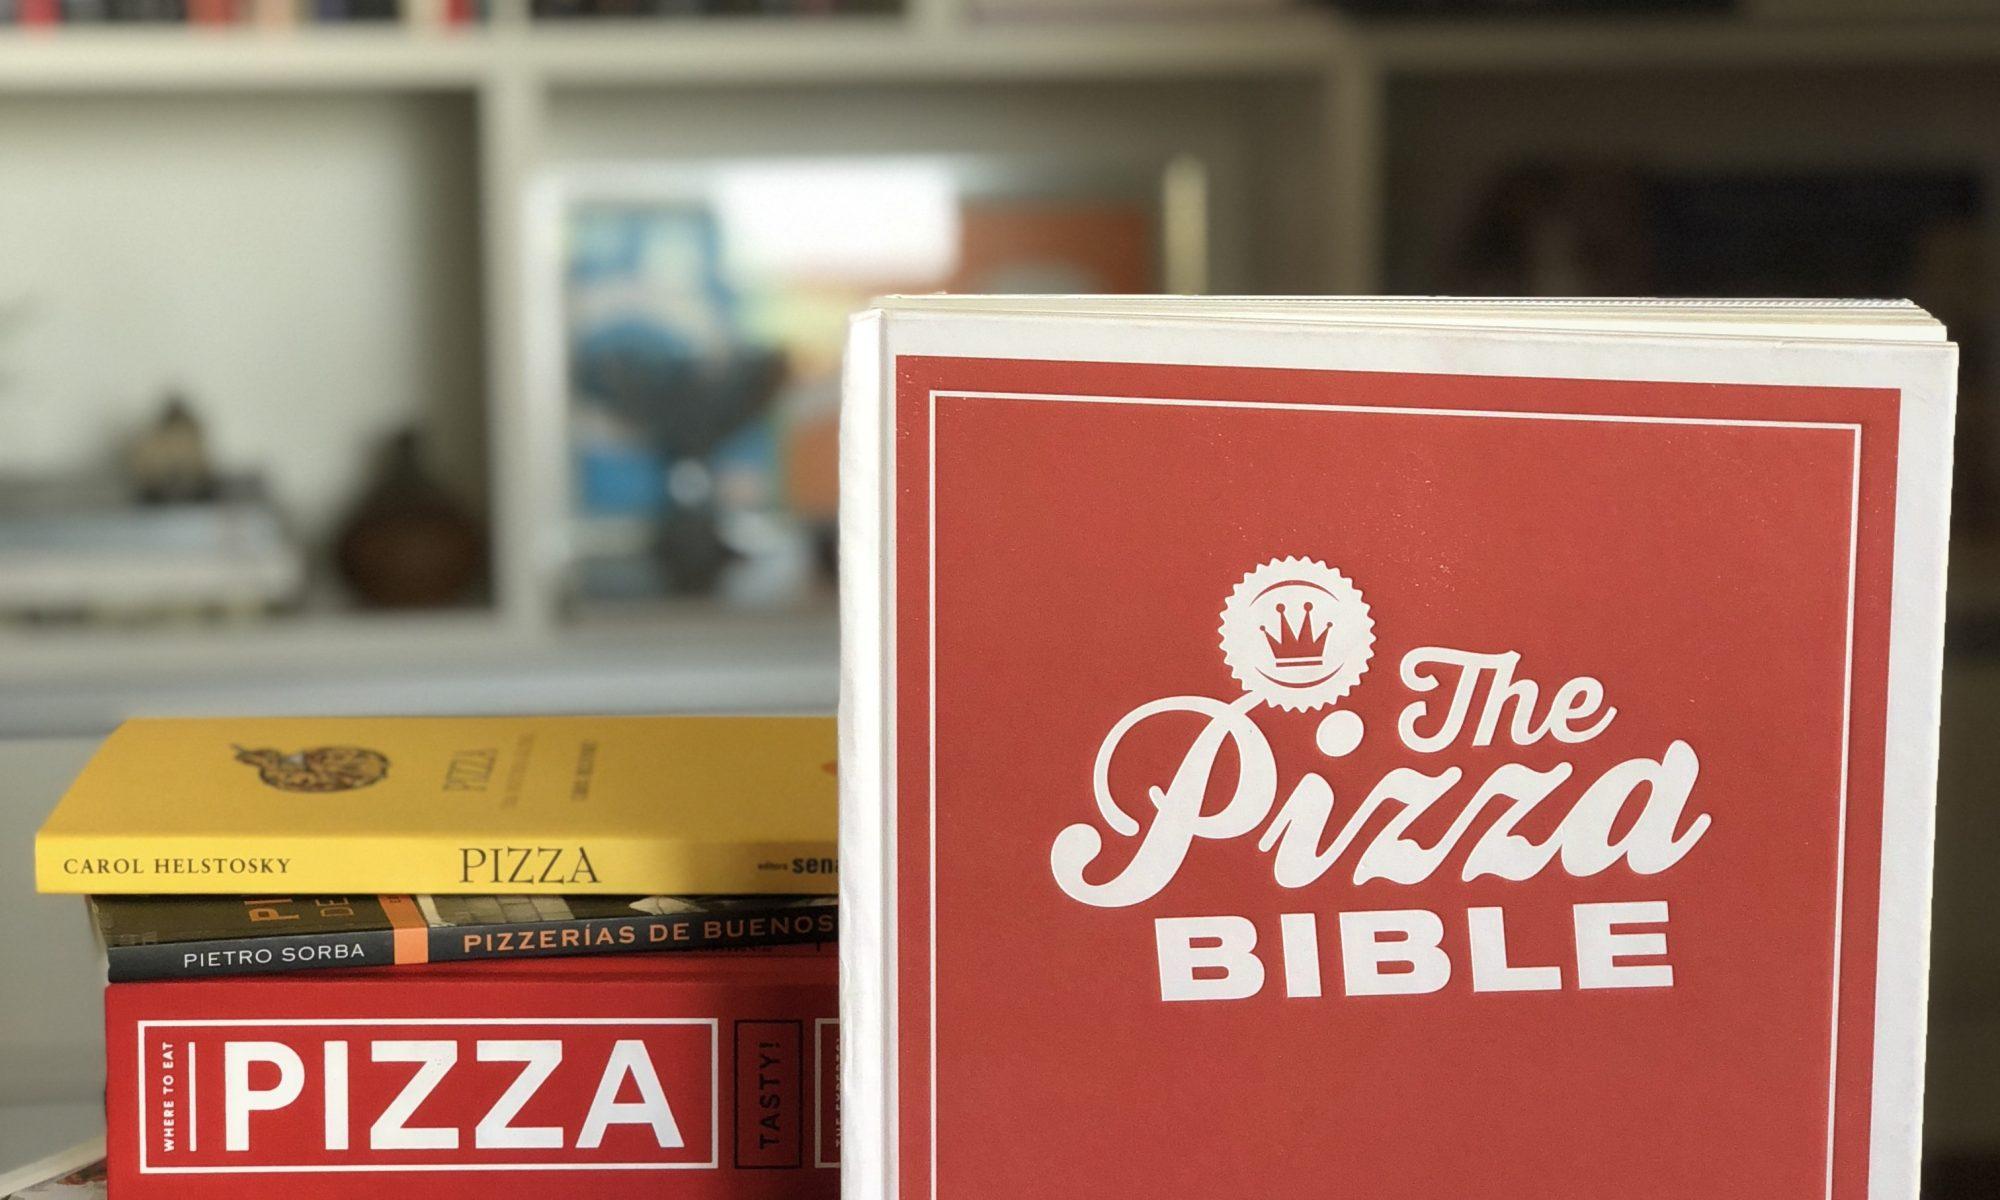 Livros sobre pizza